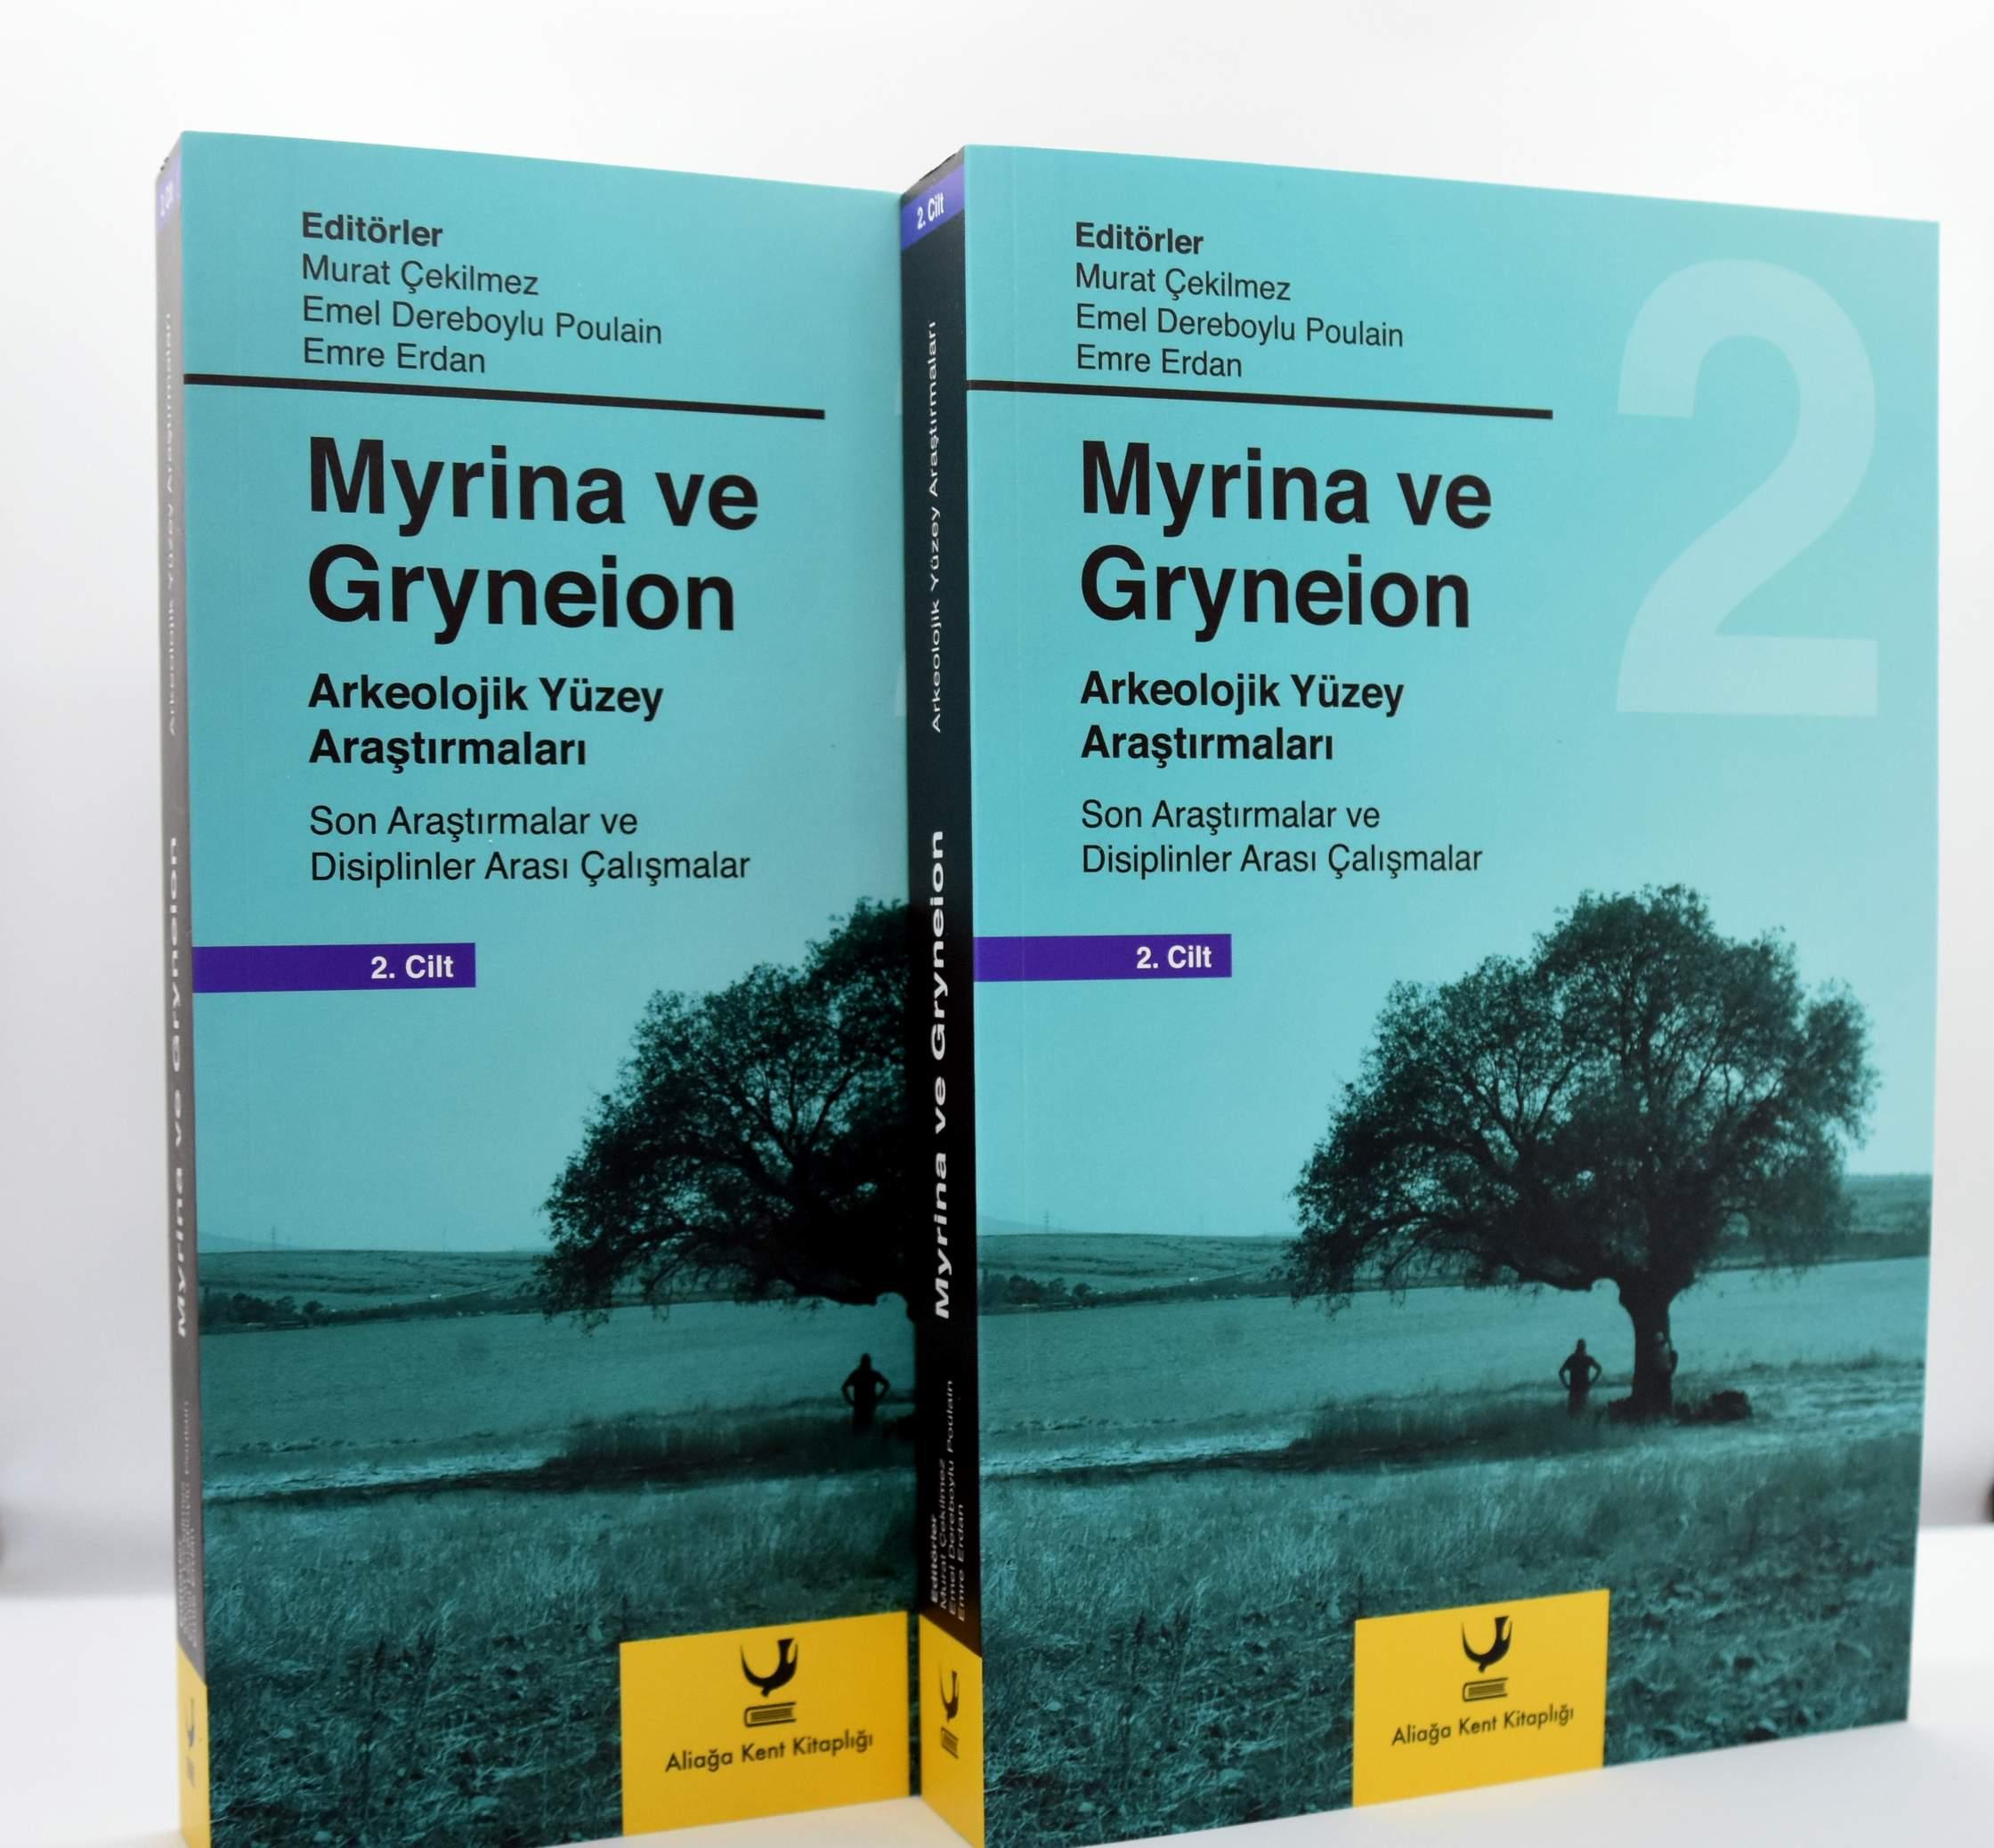 Apollon Tapınağı İle Ünlü 'Gryneion' Bu Kitapta..